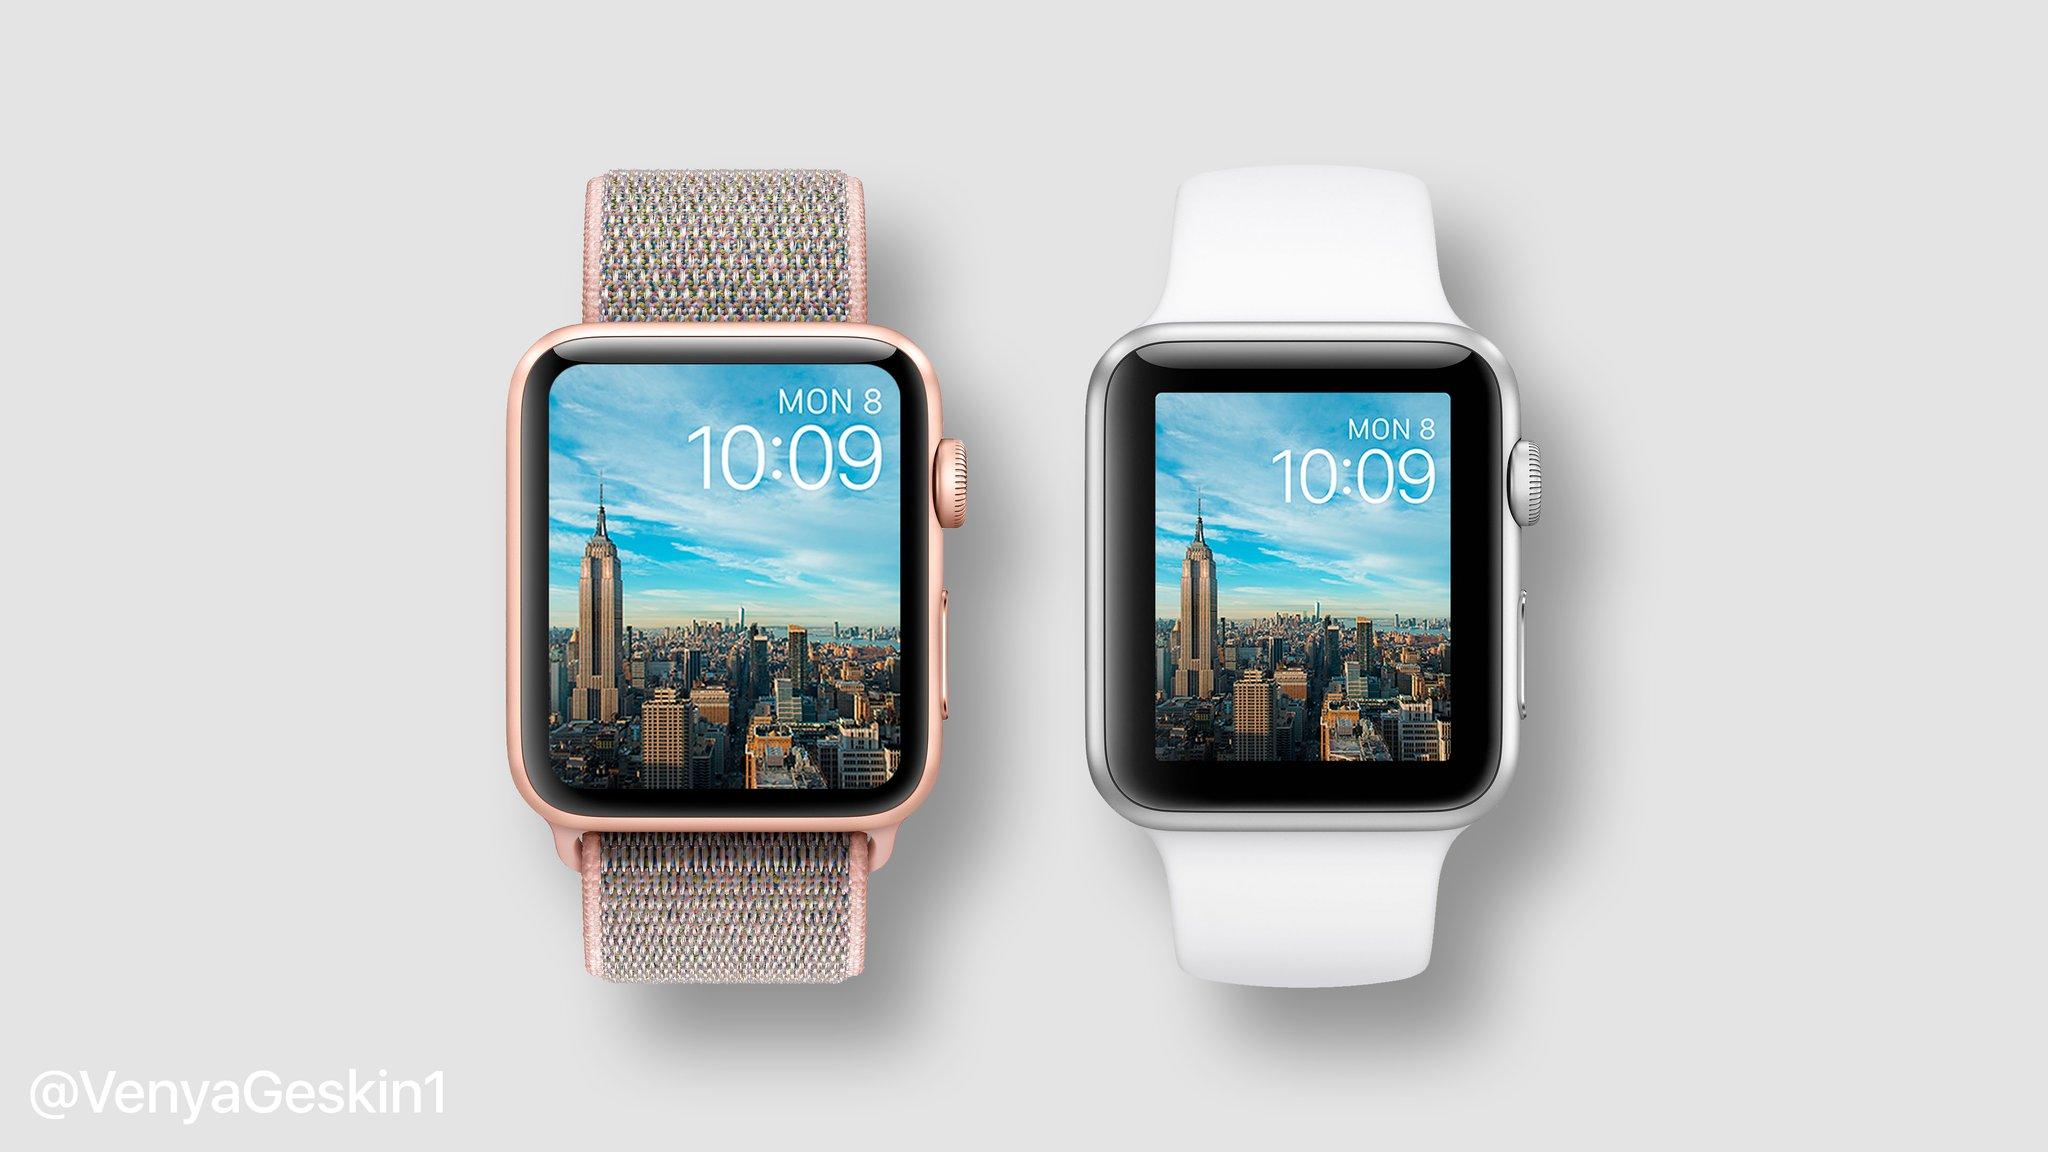 Así quedaría la pantalla de un hipotético Apple Watch Series 4 con pantalla más grande